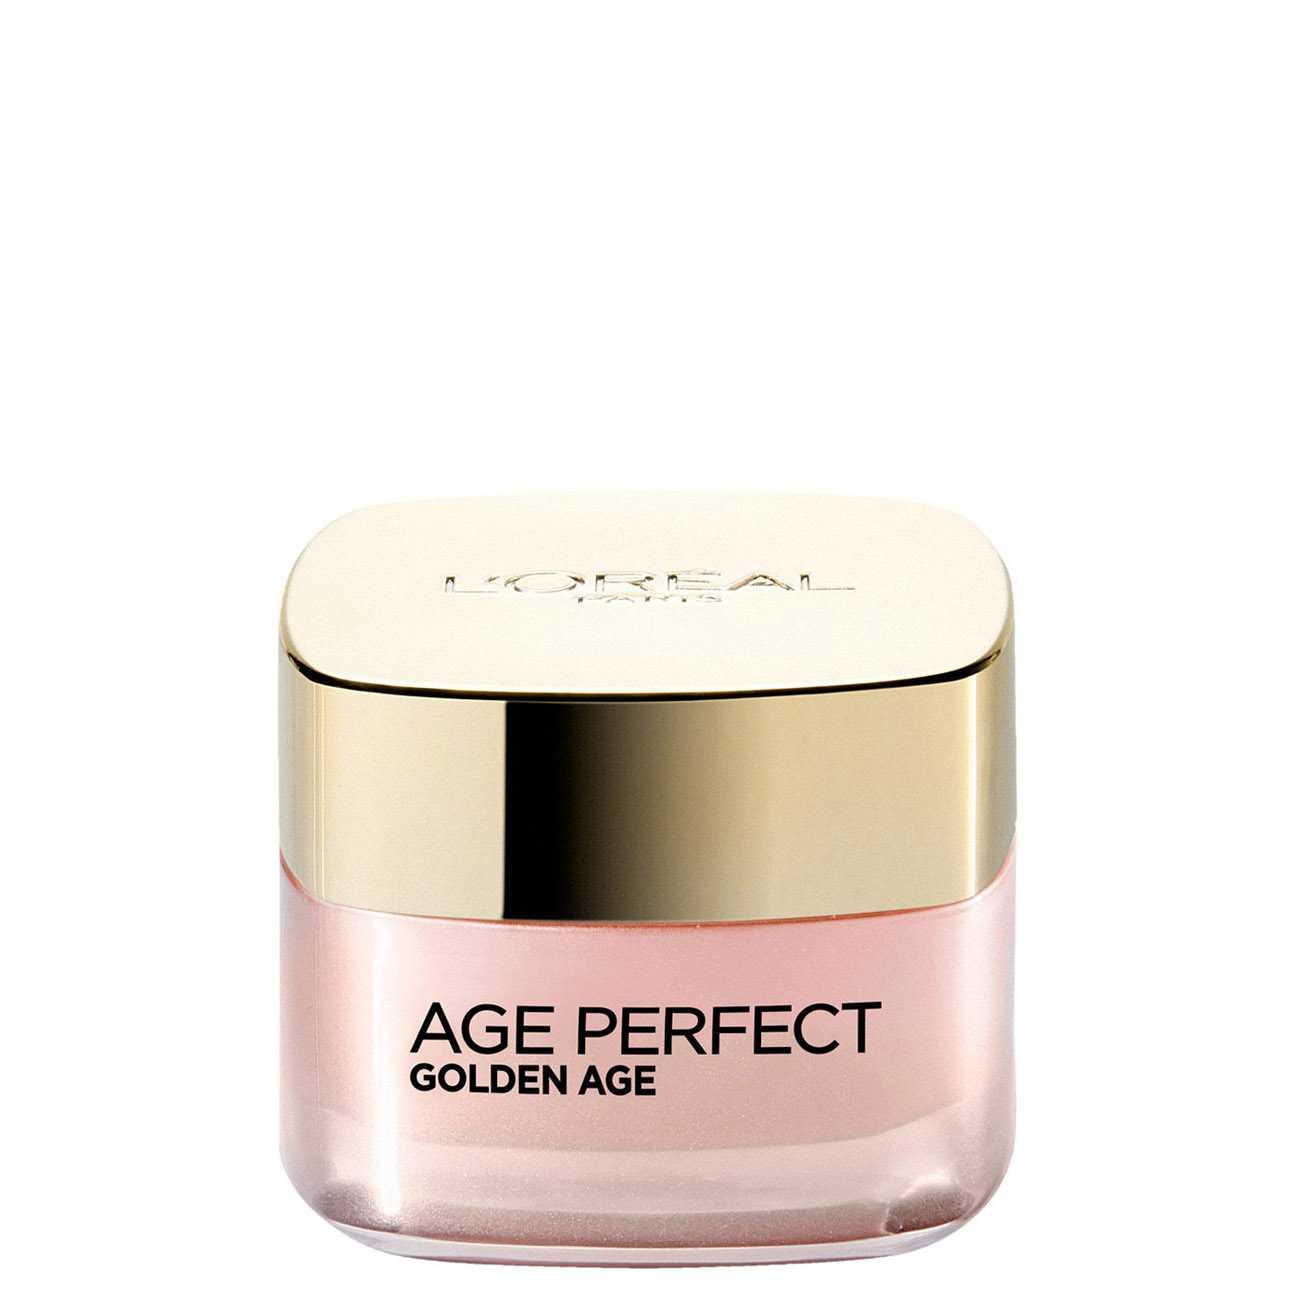 AGE PERFECT GOLDEN AGE DAY CREAM 50 ML